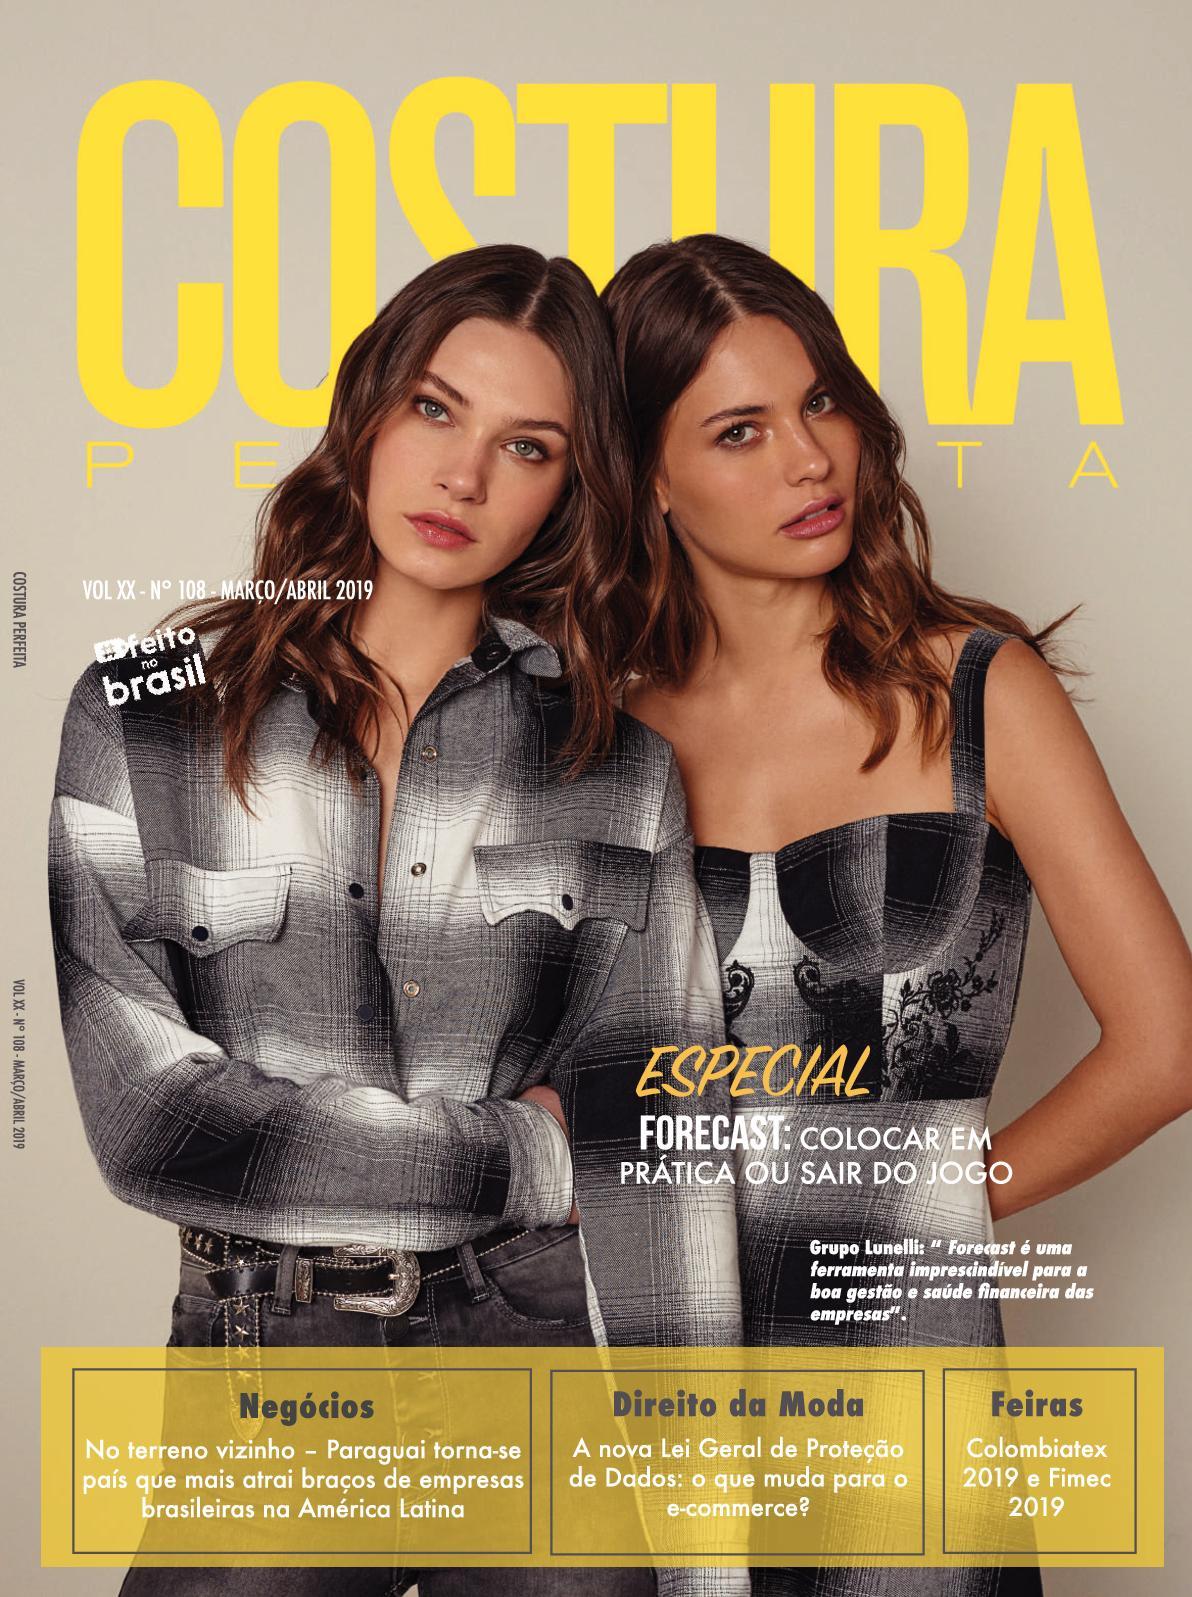 2c39d7e2b Calaméo - Revista Costura Perfeita Edição Ano XX - N108 - Março/Abril